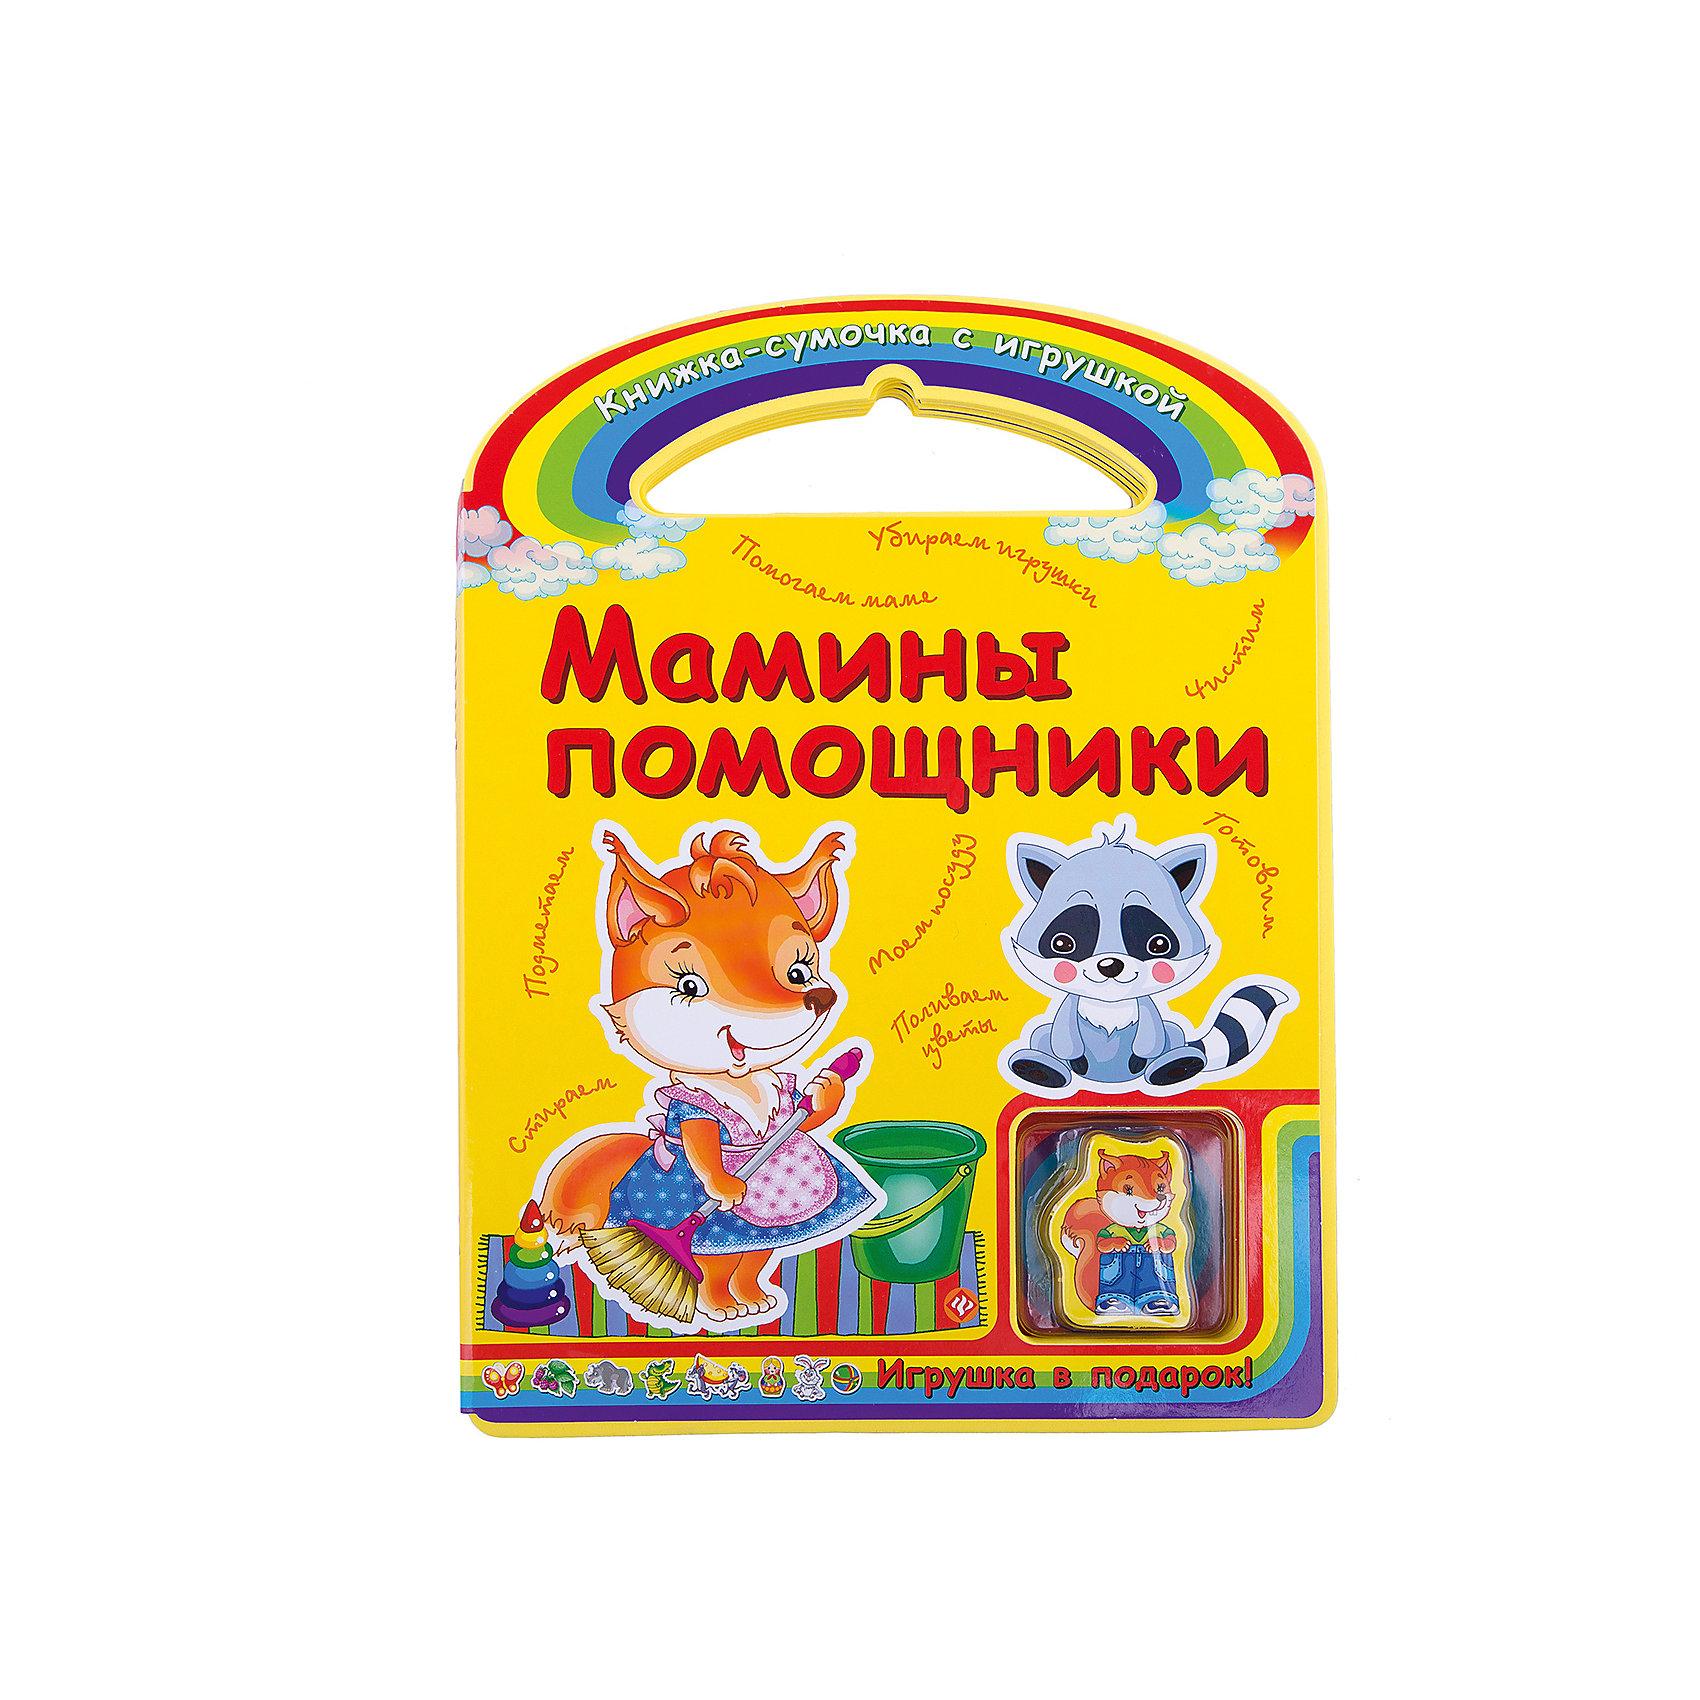 Мамины помощникиПервые книги малыша<br>Красочная книжка-игрушка Мамины помощники порадует Вашего малыша и поможет в игровой форме приучить его к труду и научит помогать взрослым по хозяйству. Книжка выполнена в виде сумочки с ручкой, за которую ее удобно носить. На каждой страничке яркие веселые<br>картинки и добрые стихи о том, как зверюшки помогают своим мамам. Странички изготовлены из плотного ламинированного картона, ребенок не сможет порвать или повредить их. В комплект входит подарочная игрушка - фигурка симпатичного лисенка.<br><br><br>Дополнительная информация:<br><br>- Автор: С. А. Гордиенко.<br>- Серия: Книжка-сумочка с игрушкой.<br>- Обложка: картон.<br>- Иллюстрации: цветные.<br>- Объем: 10 стр. (ПВХ).<br>- Размер: 29 x 2,5 x 22,2 см.<br>- Вес: 0,336 кг.<br><br>Книгу Мамины помощники, Феникс-Премьер, можно купить в нашем интернет-магазине.<br><br>Ширина мм: 290<br>Глубина мм: 221<br>Высота мм: 25<br>Вес г: 2720<br>Возраст от месяцев: 24<br>Возраст до месяцев: 72<br>Пол: Унисекс<br>Возраст: Детский<br>SKU: 4771386